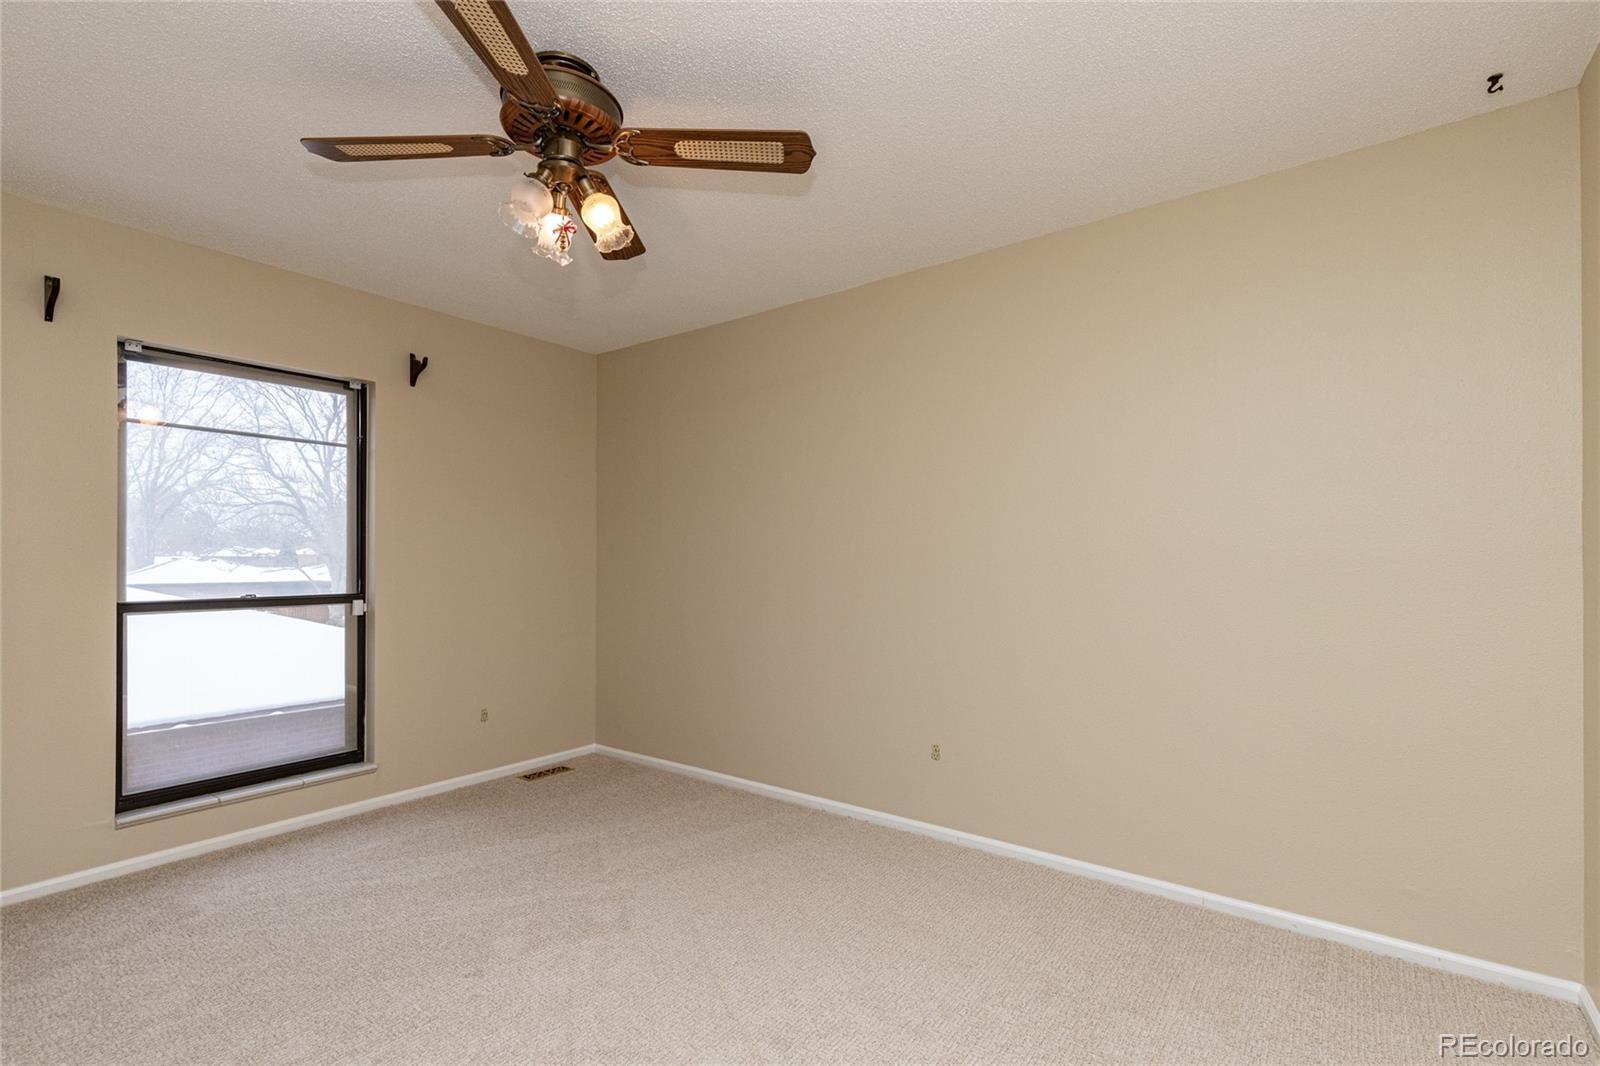 MLS# 8955616 - 21 - 6000 W Mansfield Avenue #15, Denver, CO 80235